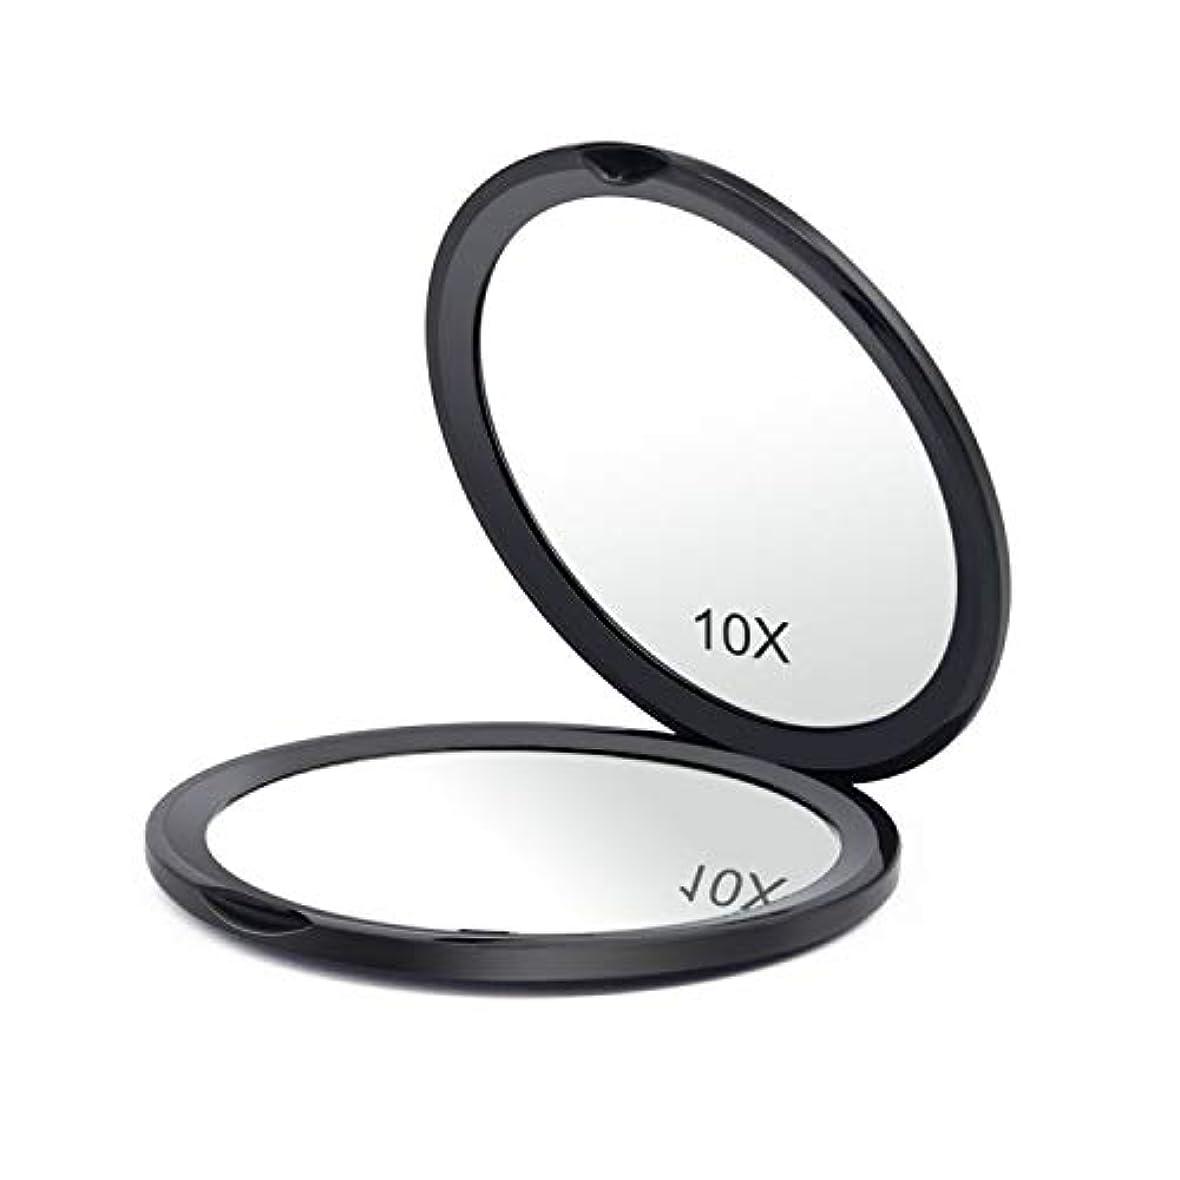 賞賛スナップ霧手鏡 化粧鏡 HAMSWAN コンパクトミラー 軽量 10倍拡大鏡 丸型 10cm*1.3cm(ブラック)